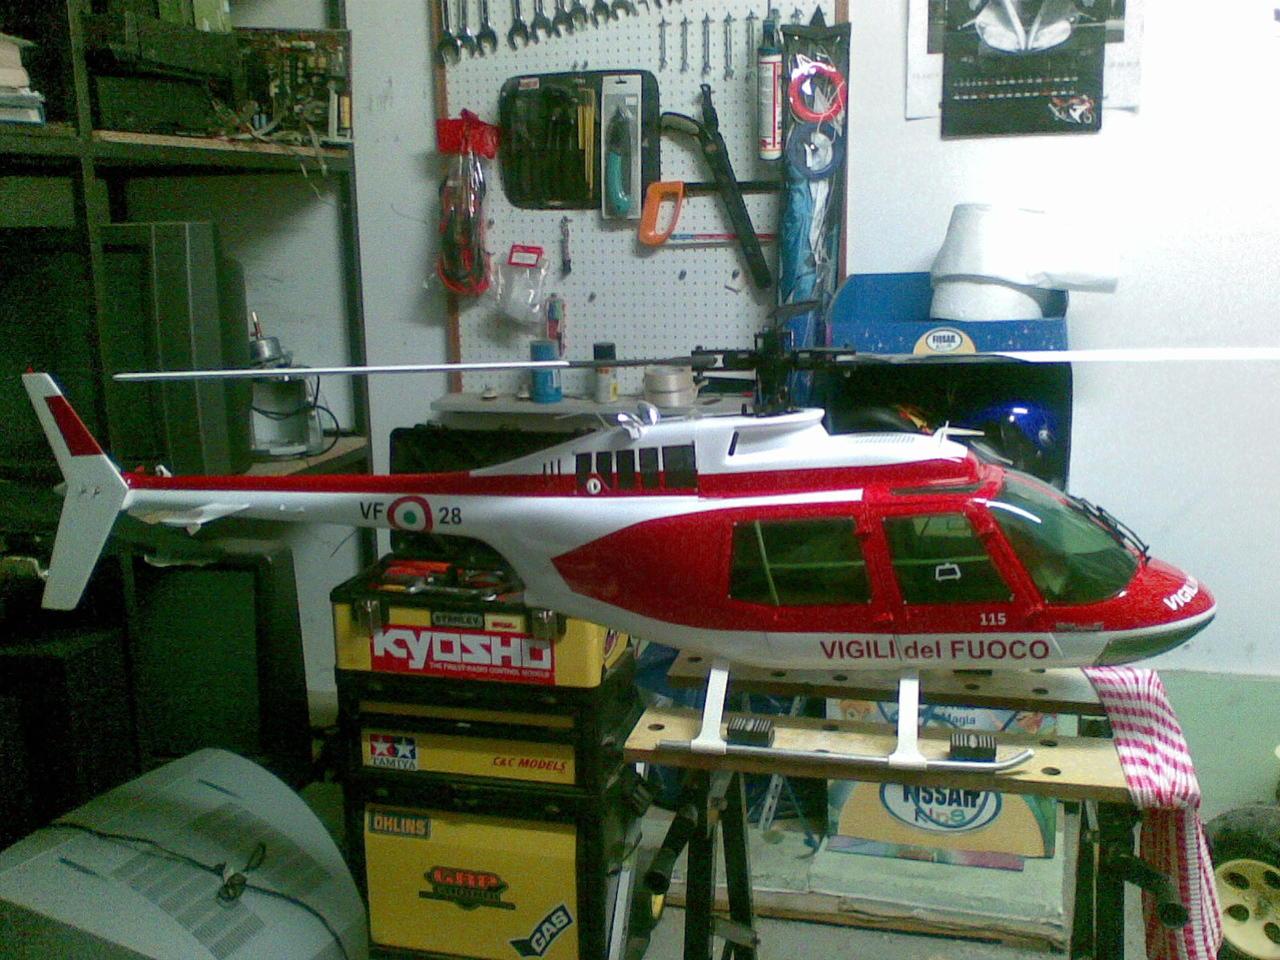 Elicottero Jet Ranger : Bell jet ranger stars stripes rtf mit sender eur